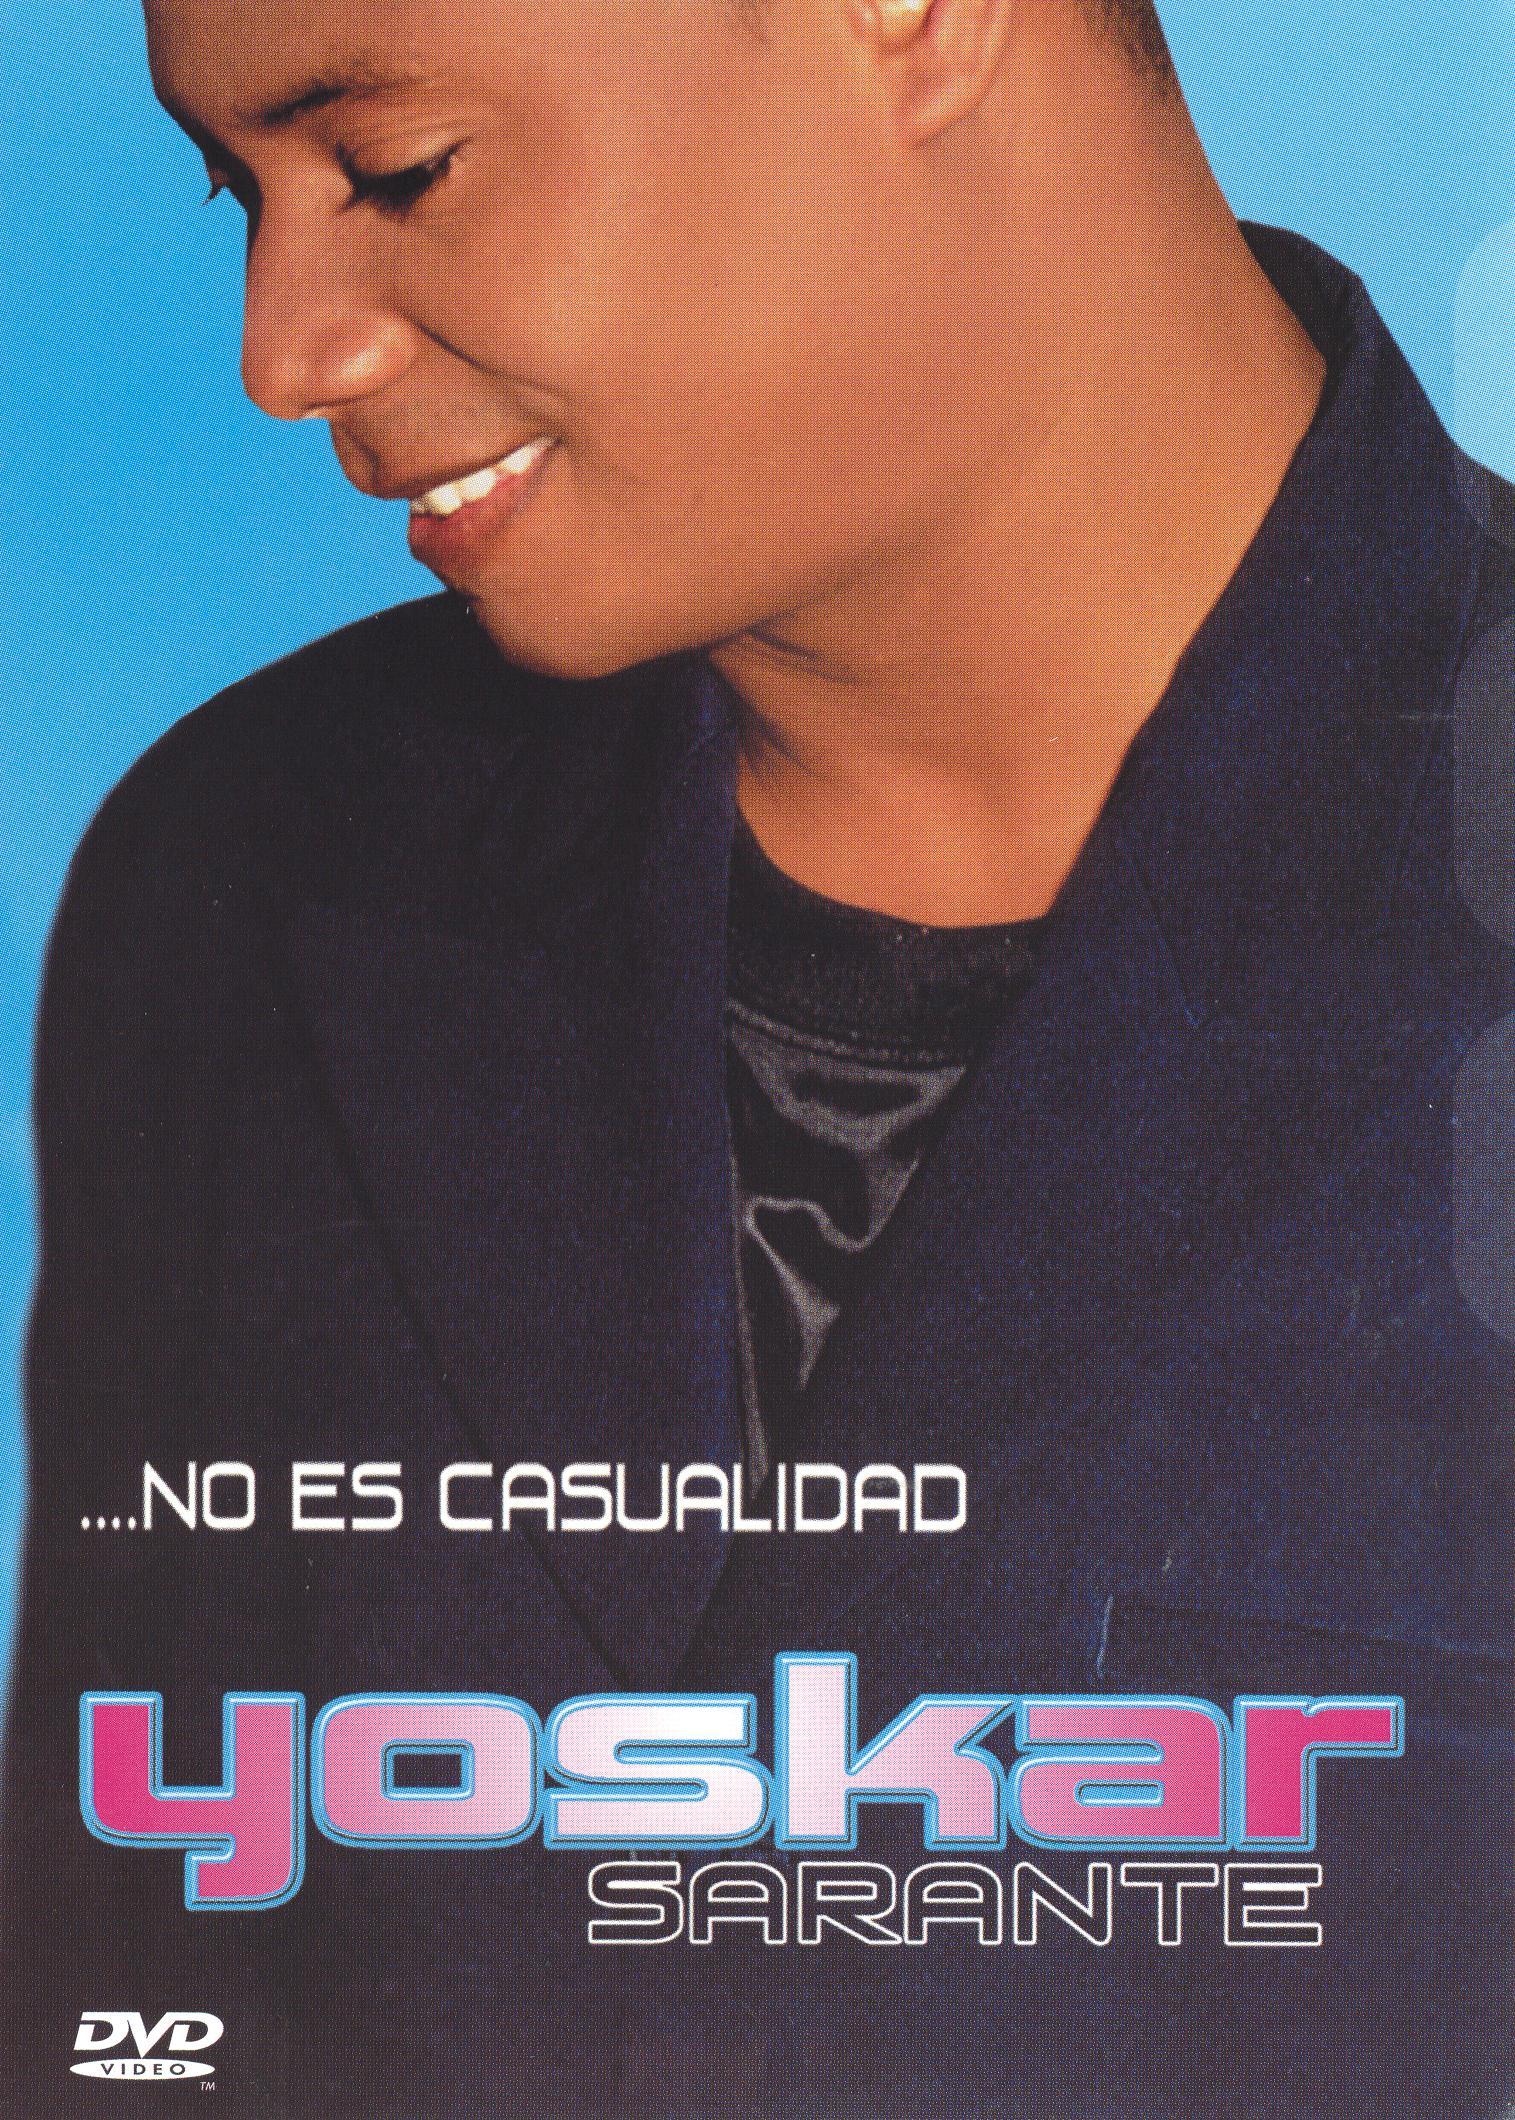 Yoskar Sarante: No Es Casualidad